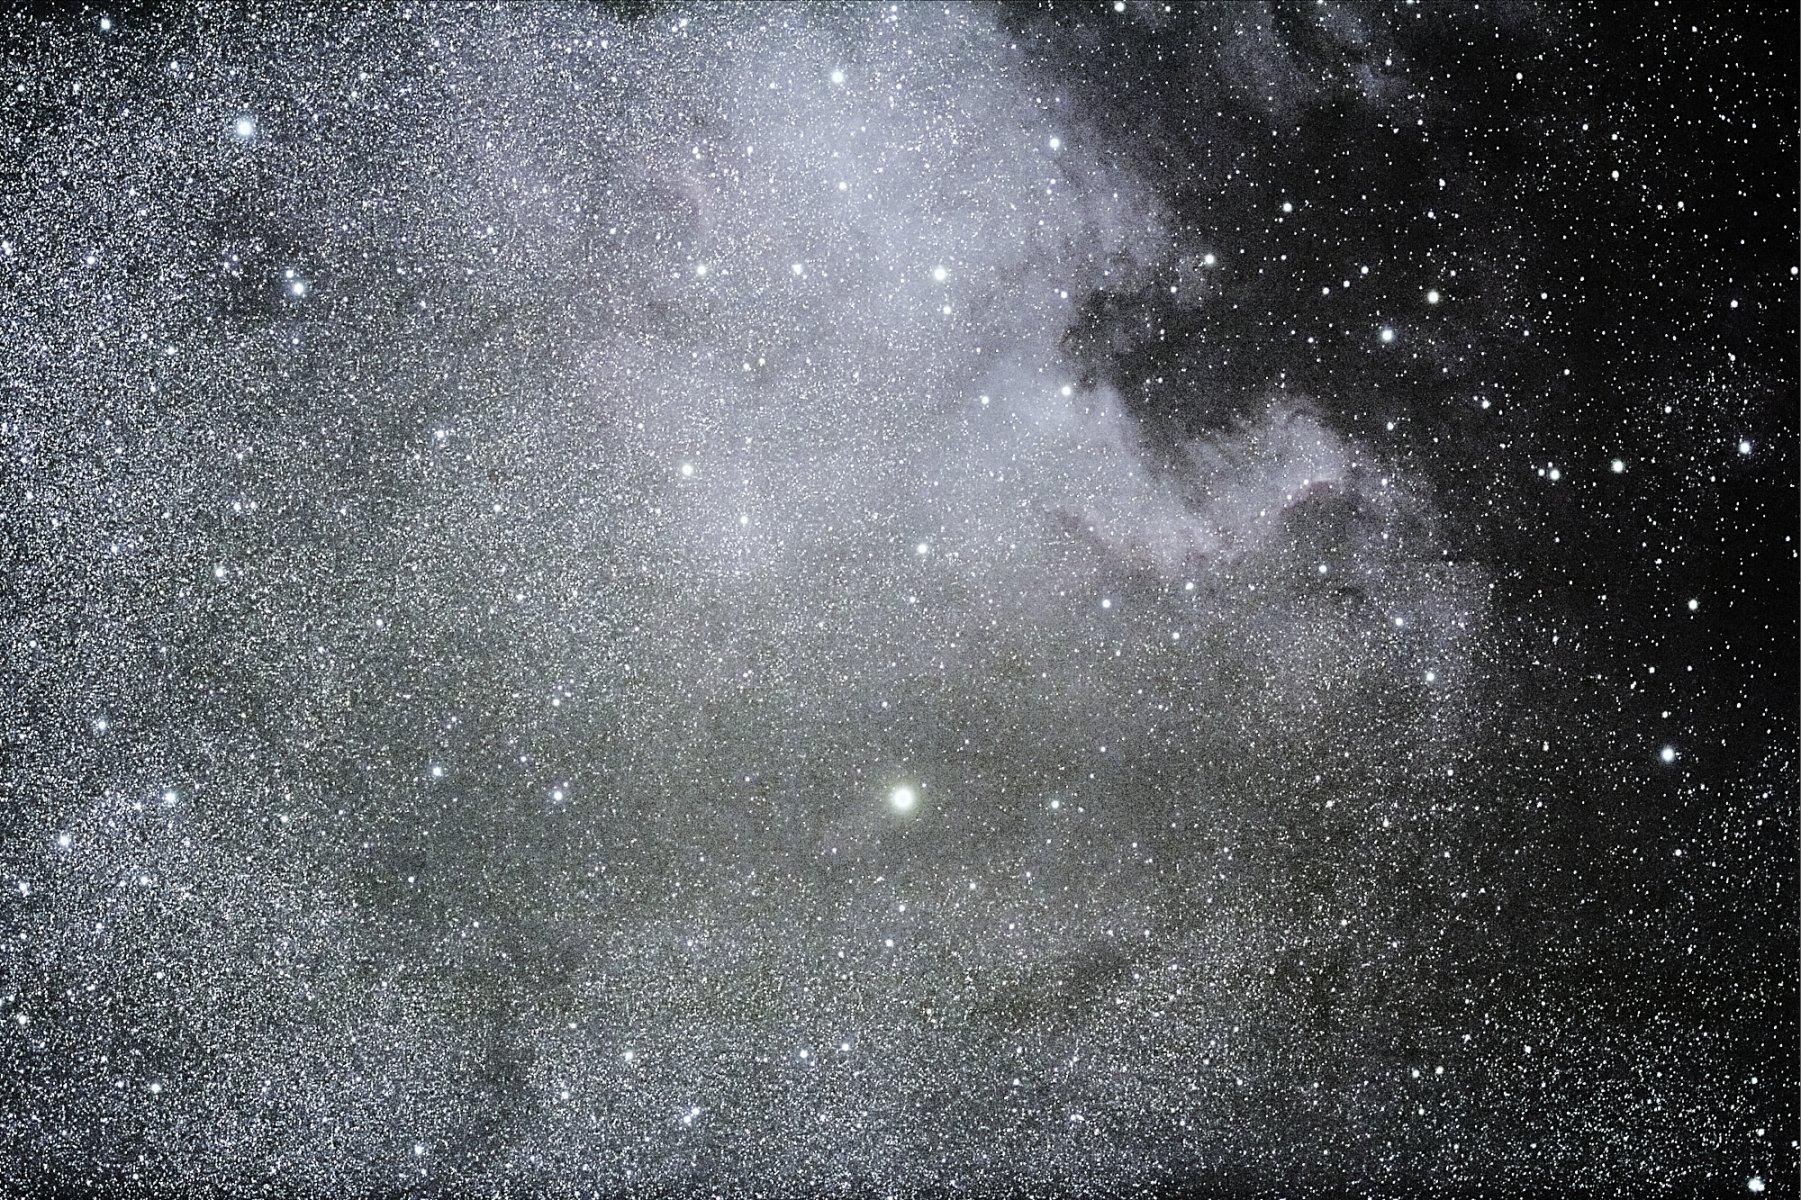 NGC7000-DSS-4-C1-V20 1.jpg